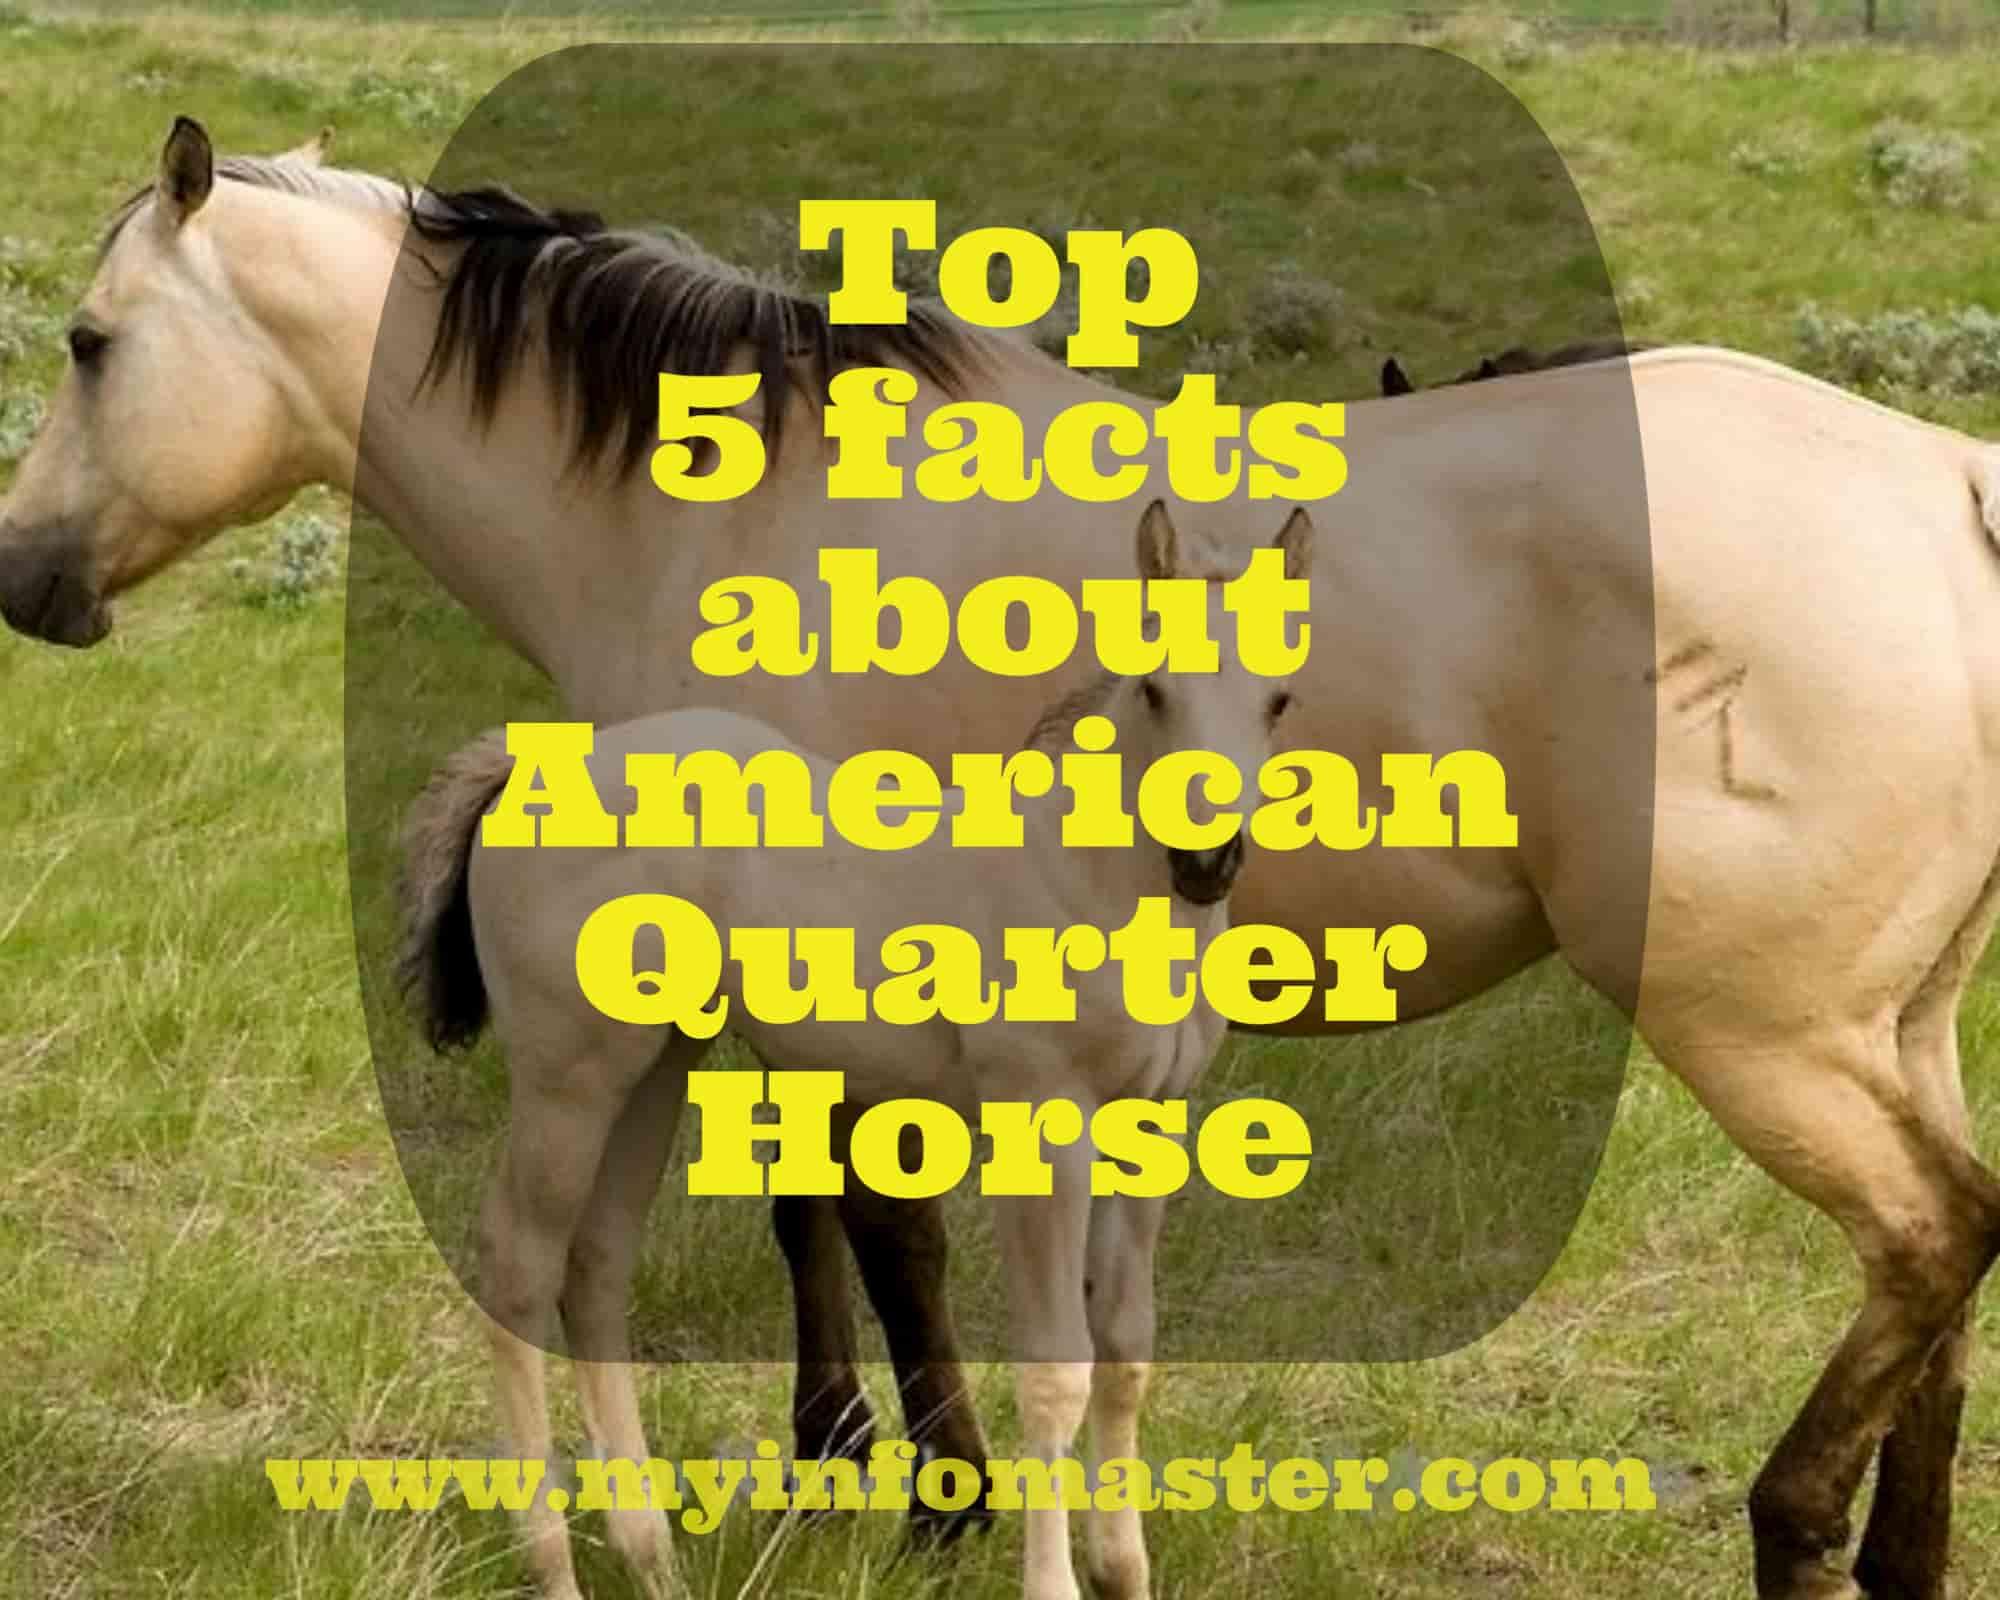 american quarter horse, aqha, quarter horse congress 2020, american quarter horse for sale, quarter horse associat, ionkuda american quarter, american paint